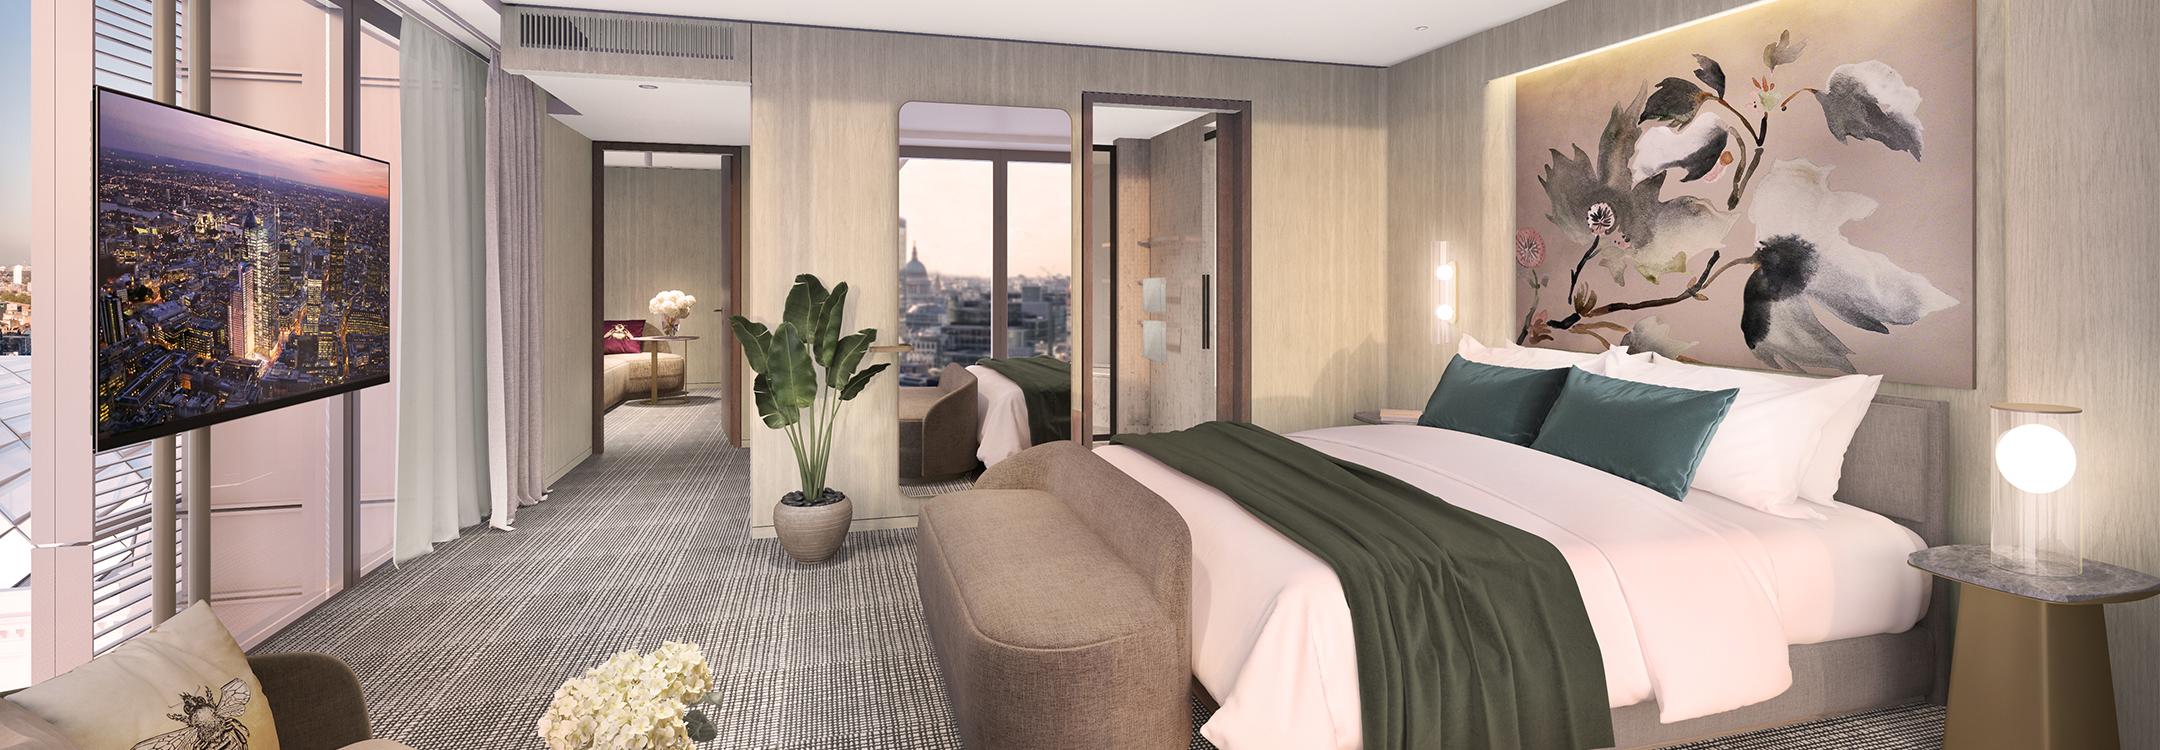 Pan Pacific Bishopsgate Suite London